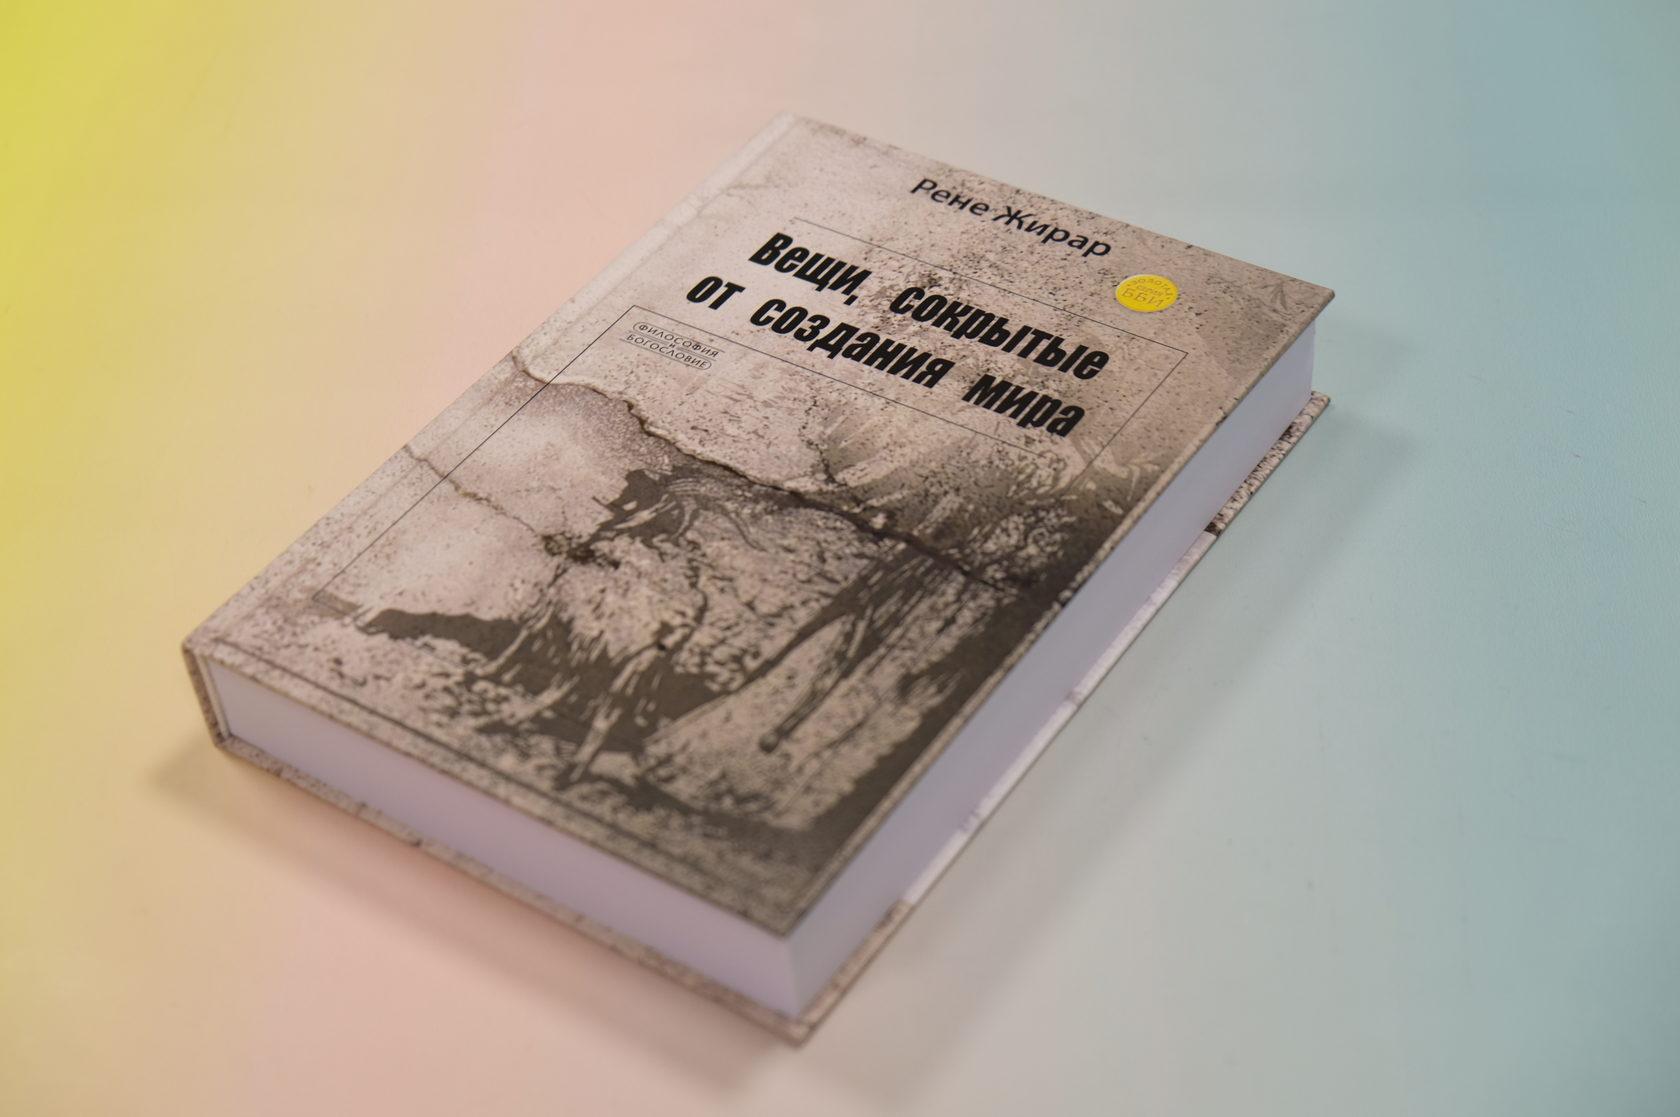 Рене Жирар «Вещи, сокрытые от создания мира»